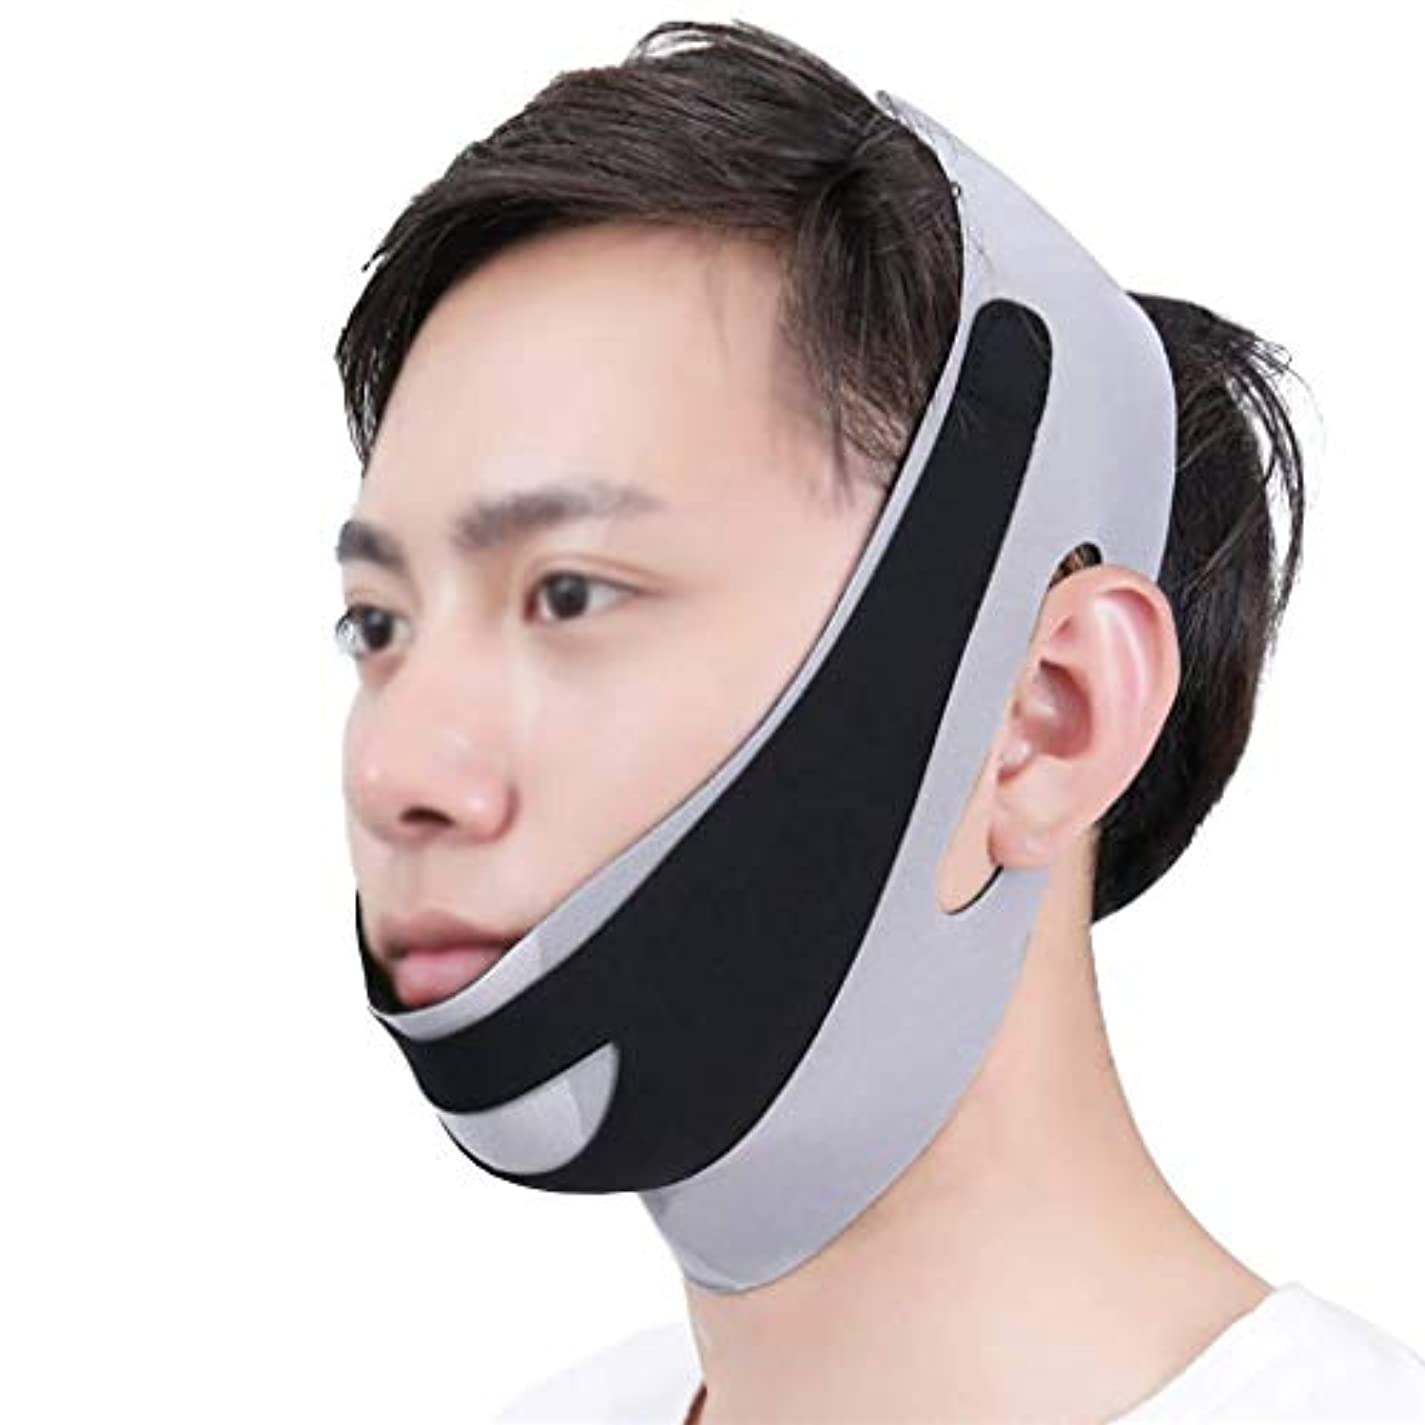 荒野定刻邪魔するフェイスアンドネックリフト術後弾性フェイスマスク小さなV顔アーティファクト薄い顔包帯アーティファクトV顔ぶら下げ耳リフティング引き締め男性の顔アーティファクト